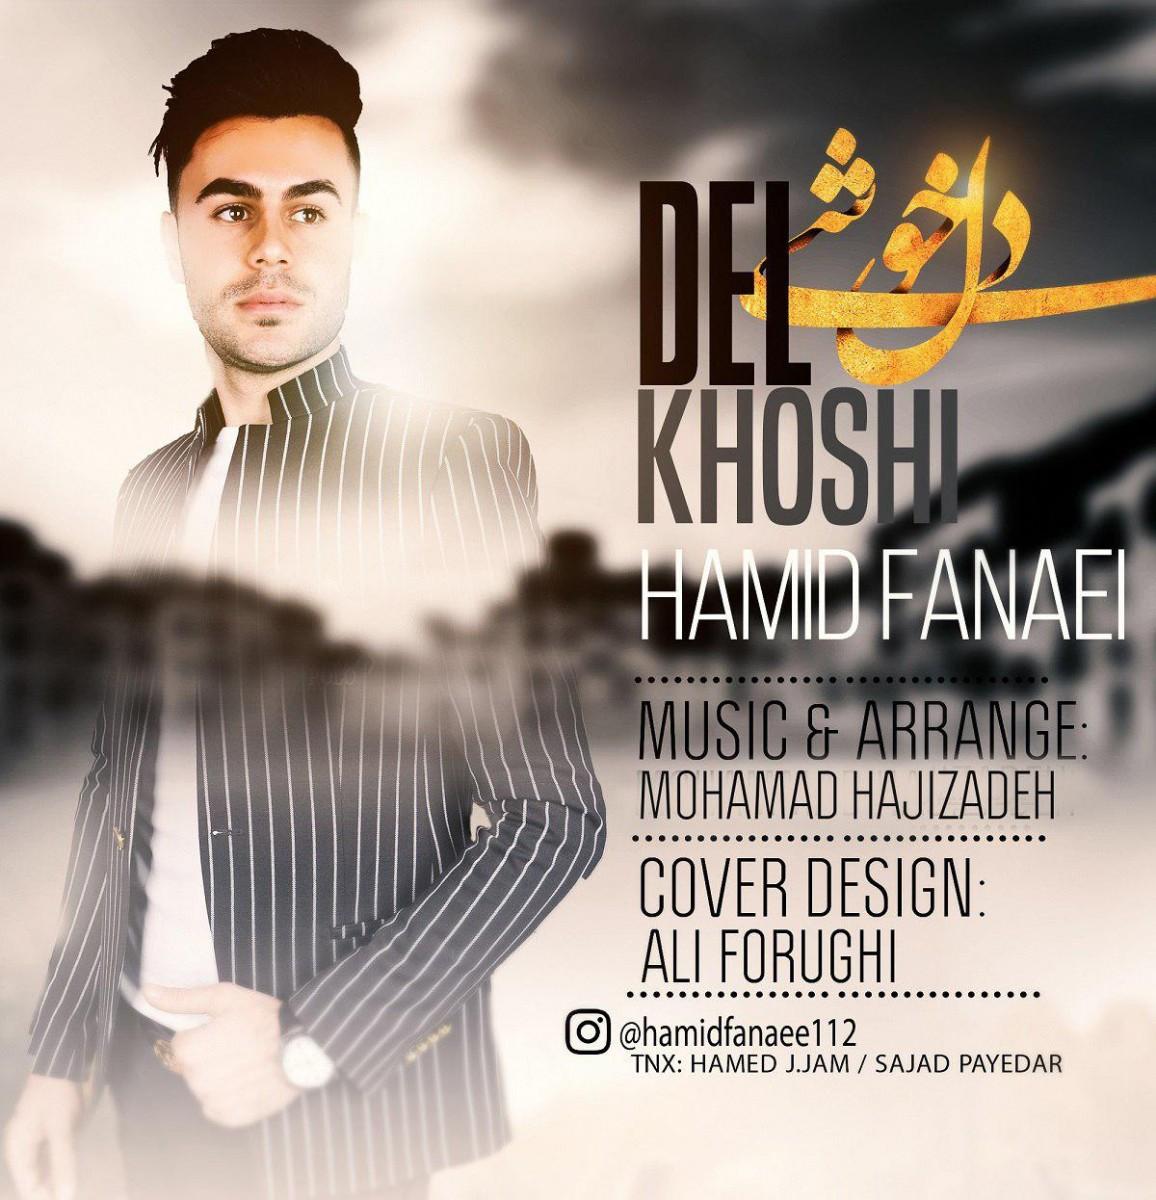 نامبر وان موزیک | دانلود آهنگ جدید Hamid-Fanaei-Delkhoshi